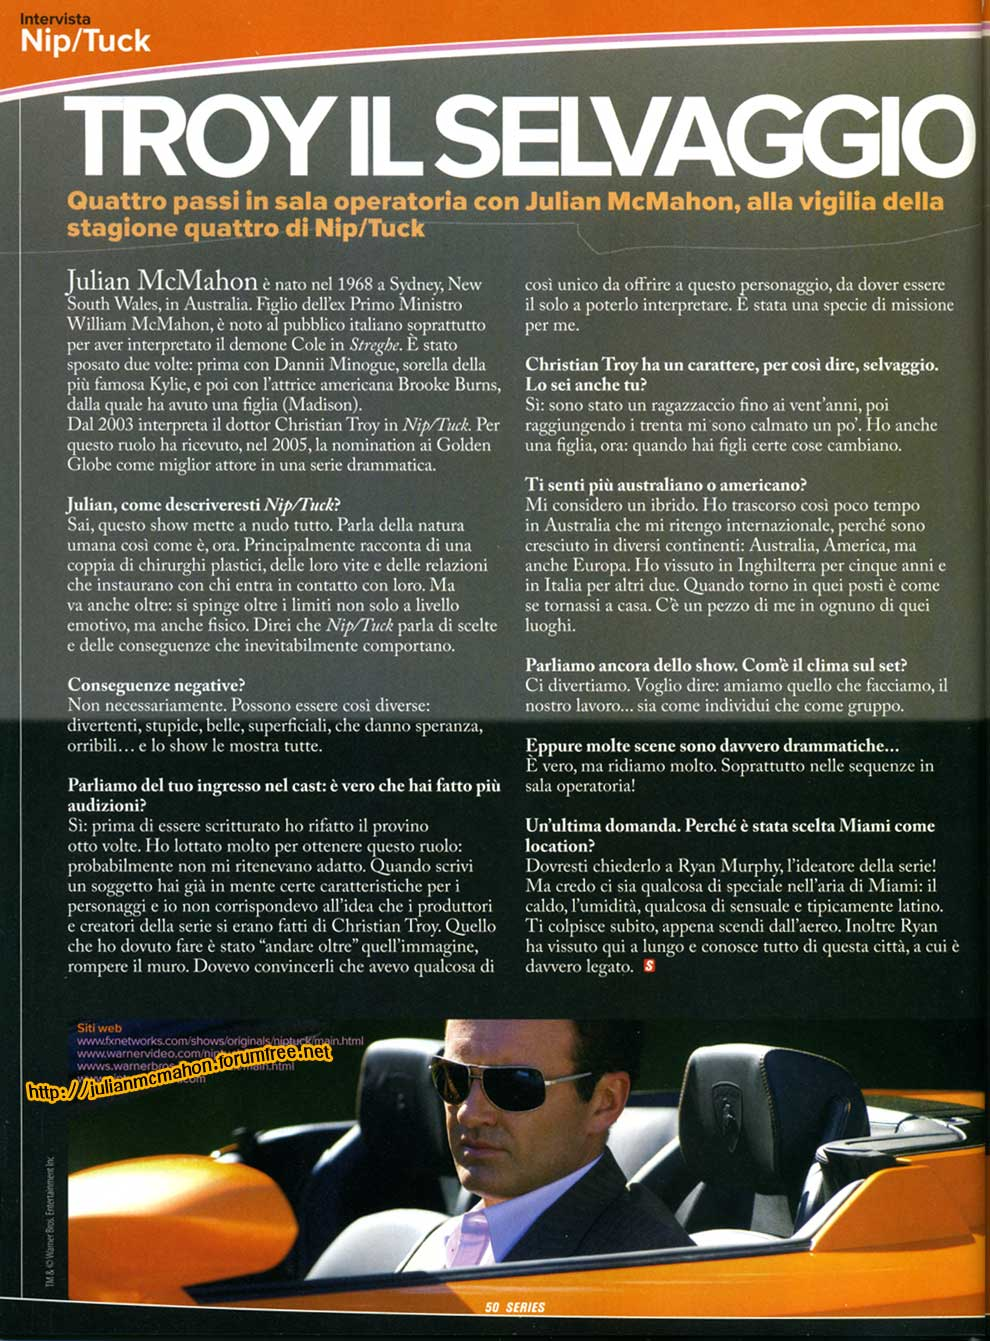 1° pagina